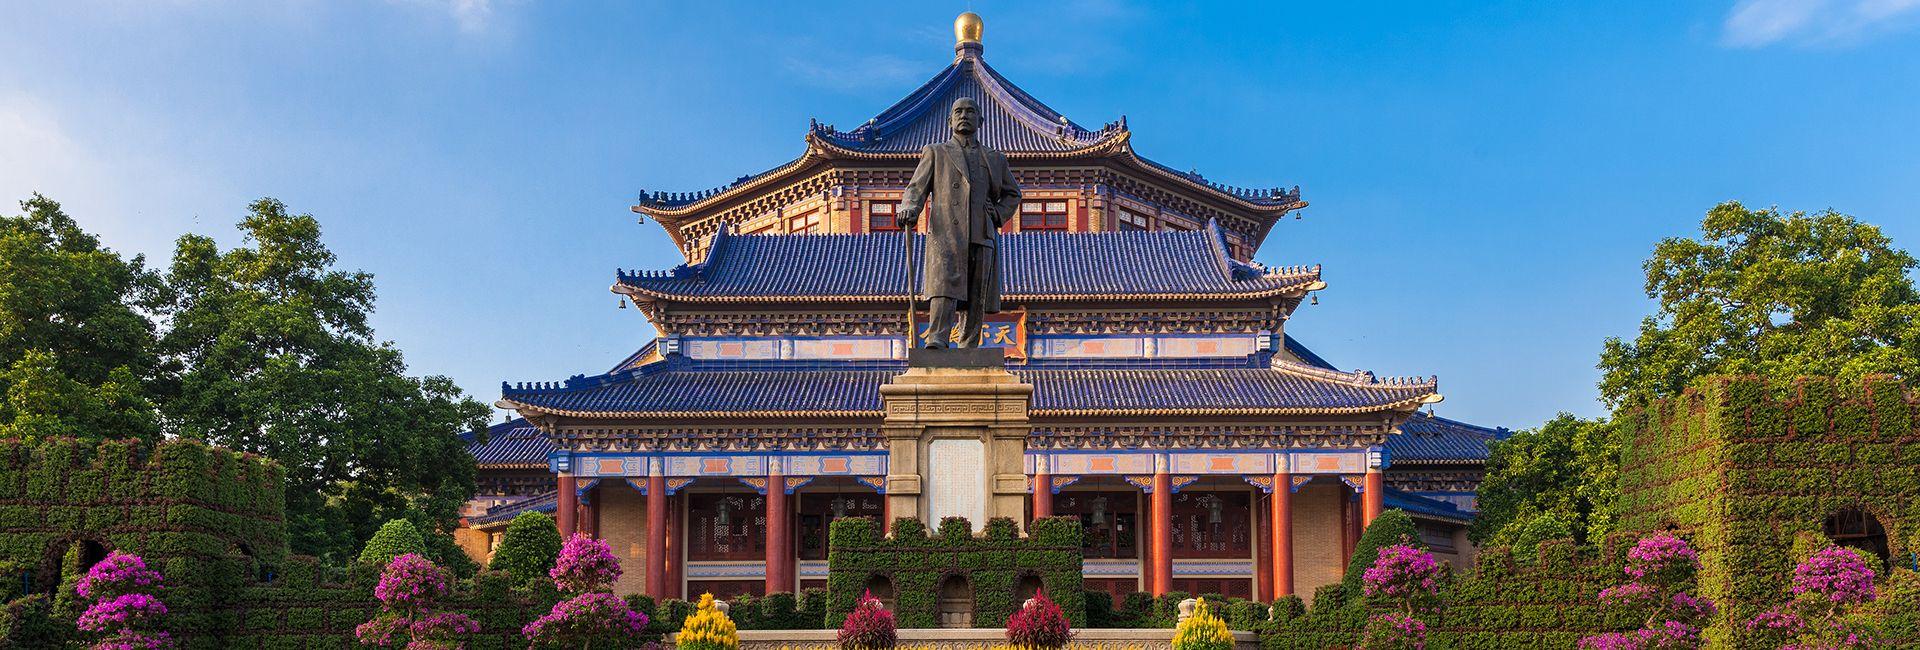 Top 10 địa điểm du lịch miễn phí tại Quảng Châu